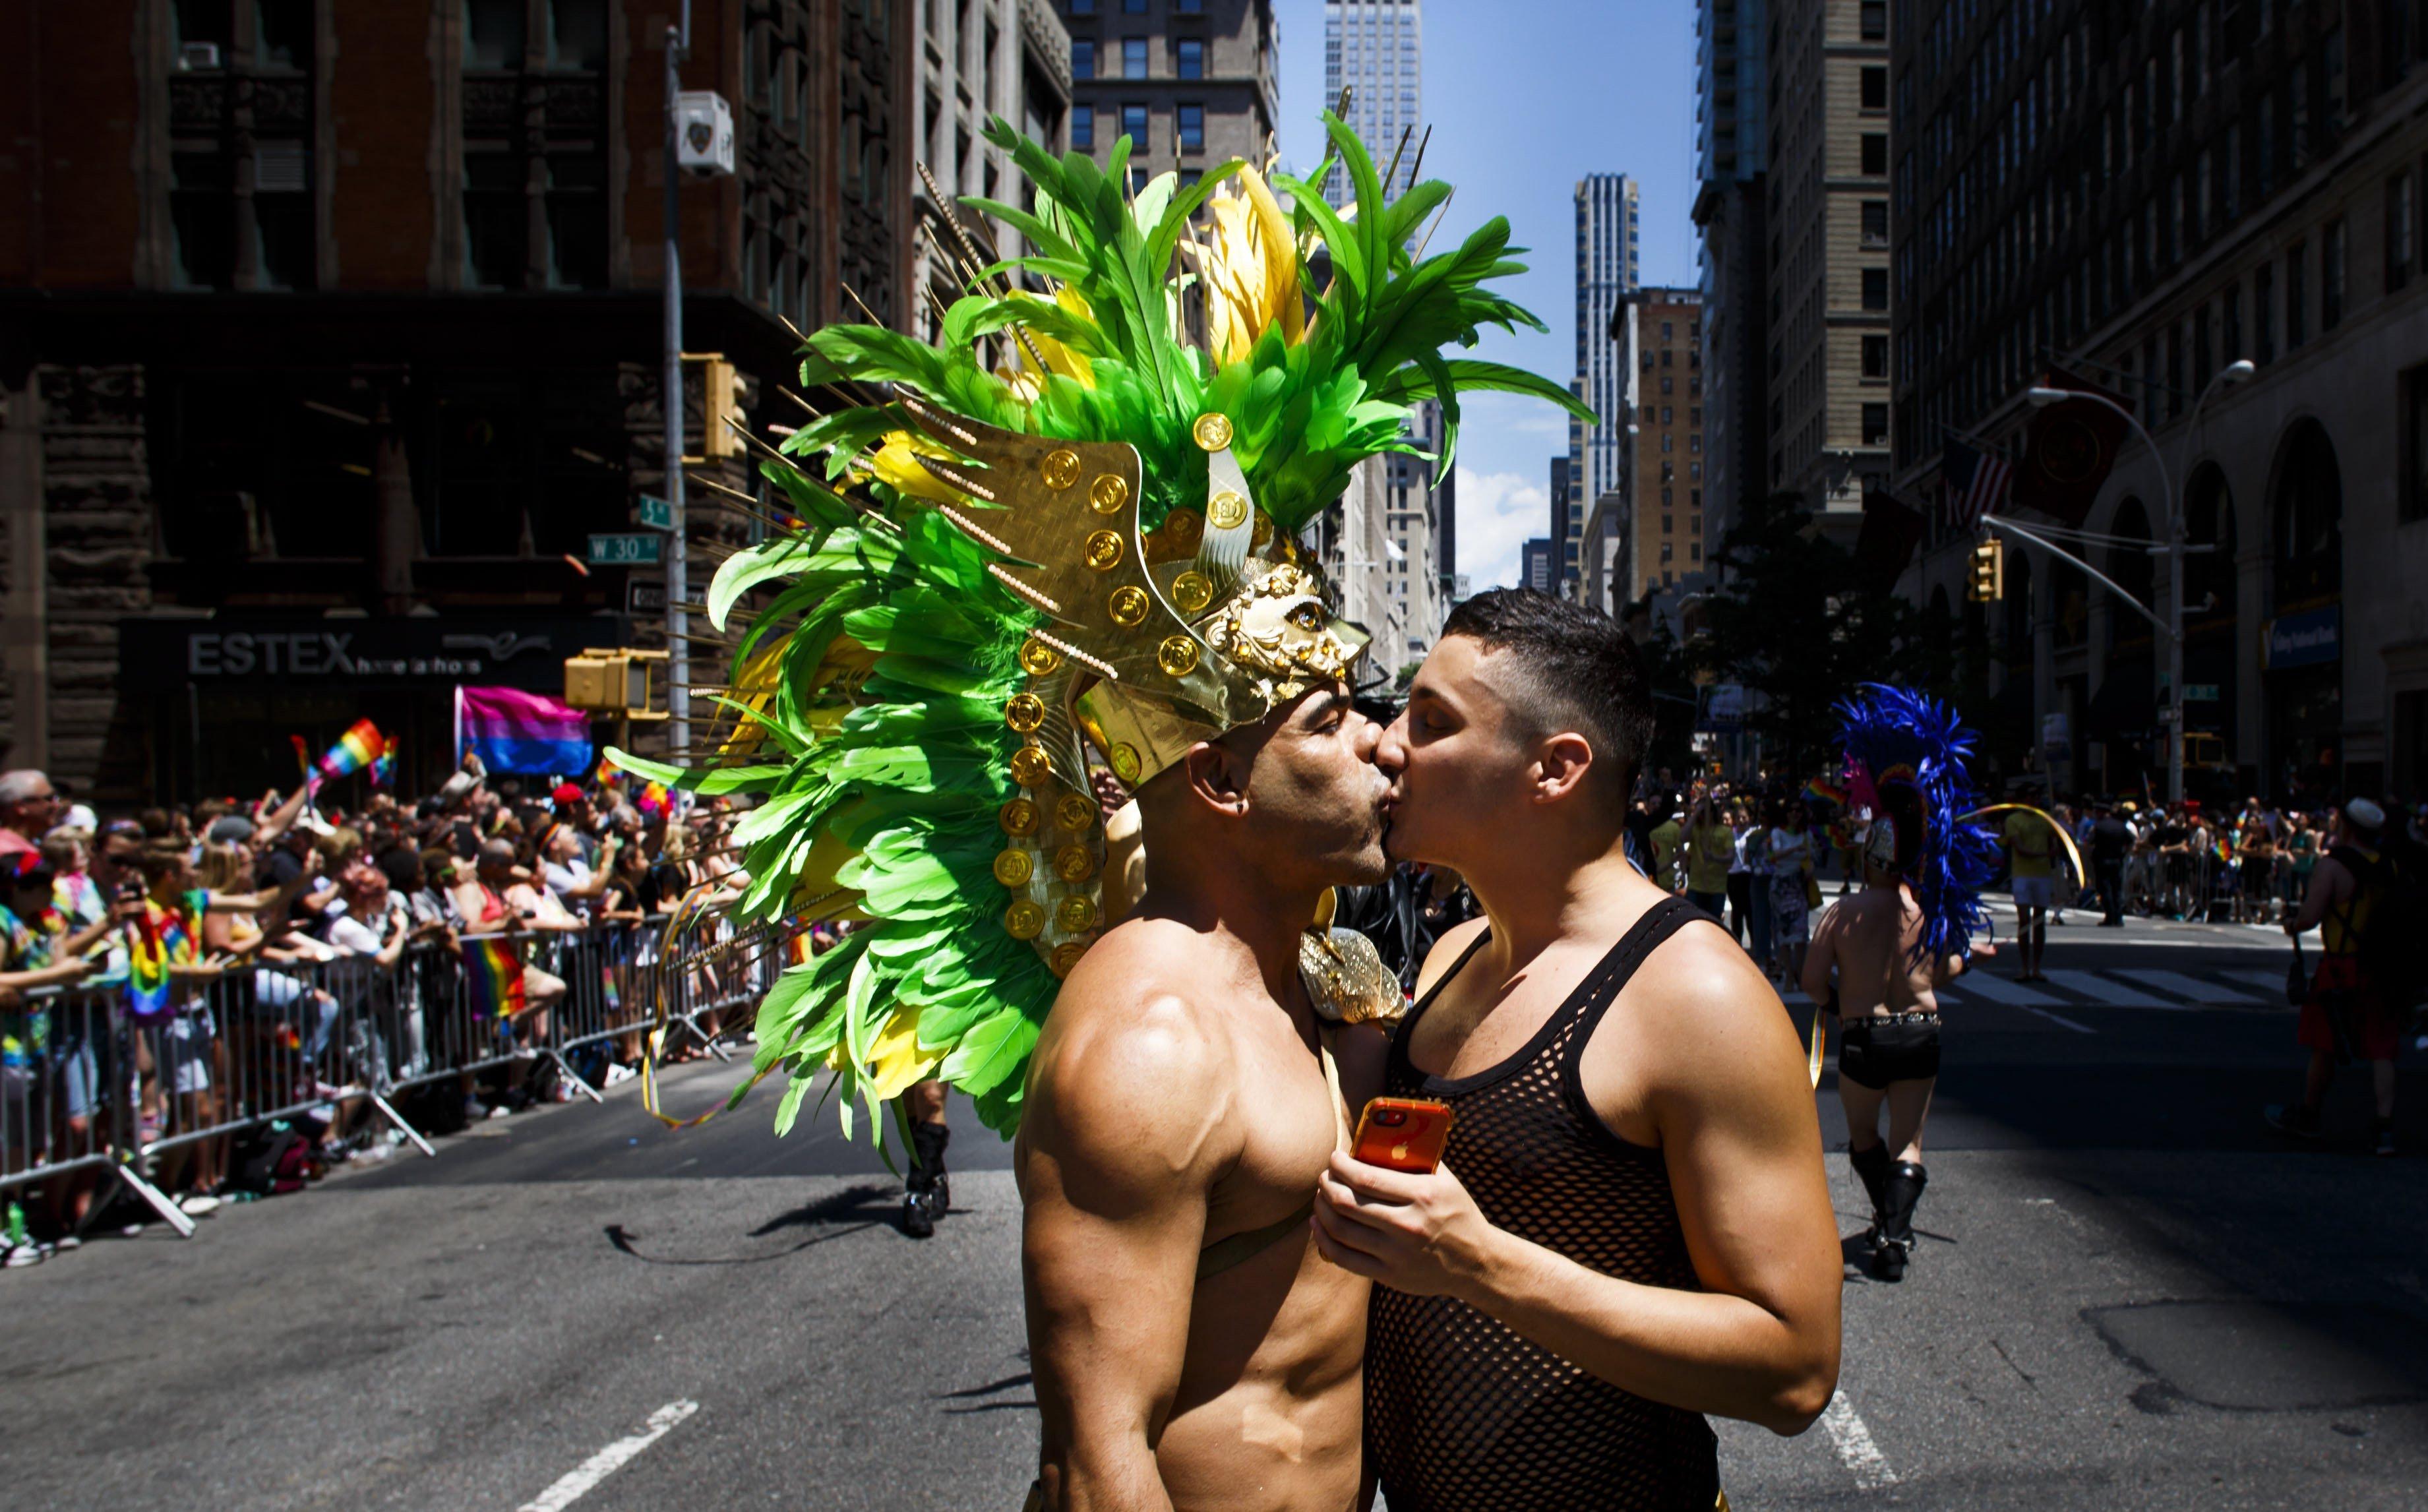 Una parella es besa durant la celebració de la New York LGBT Pride March a Nova York. /JUSTIN LANE